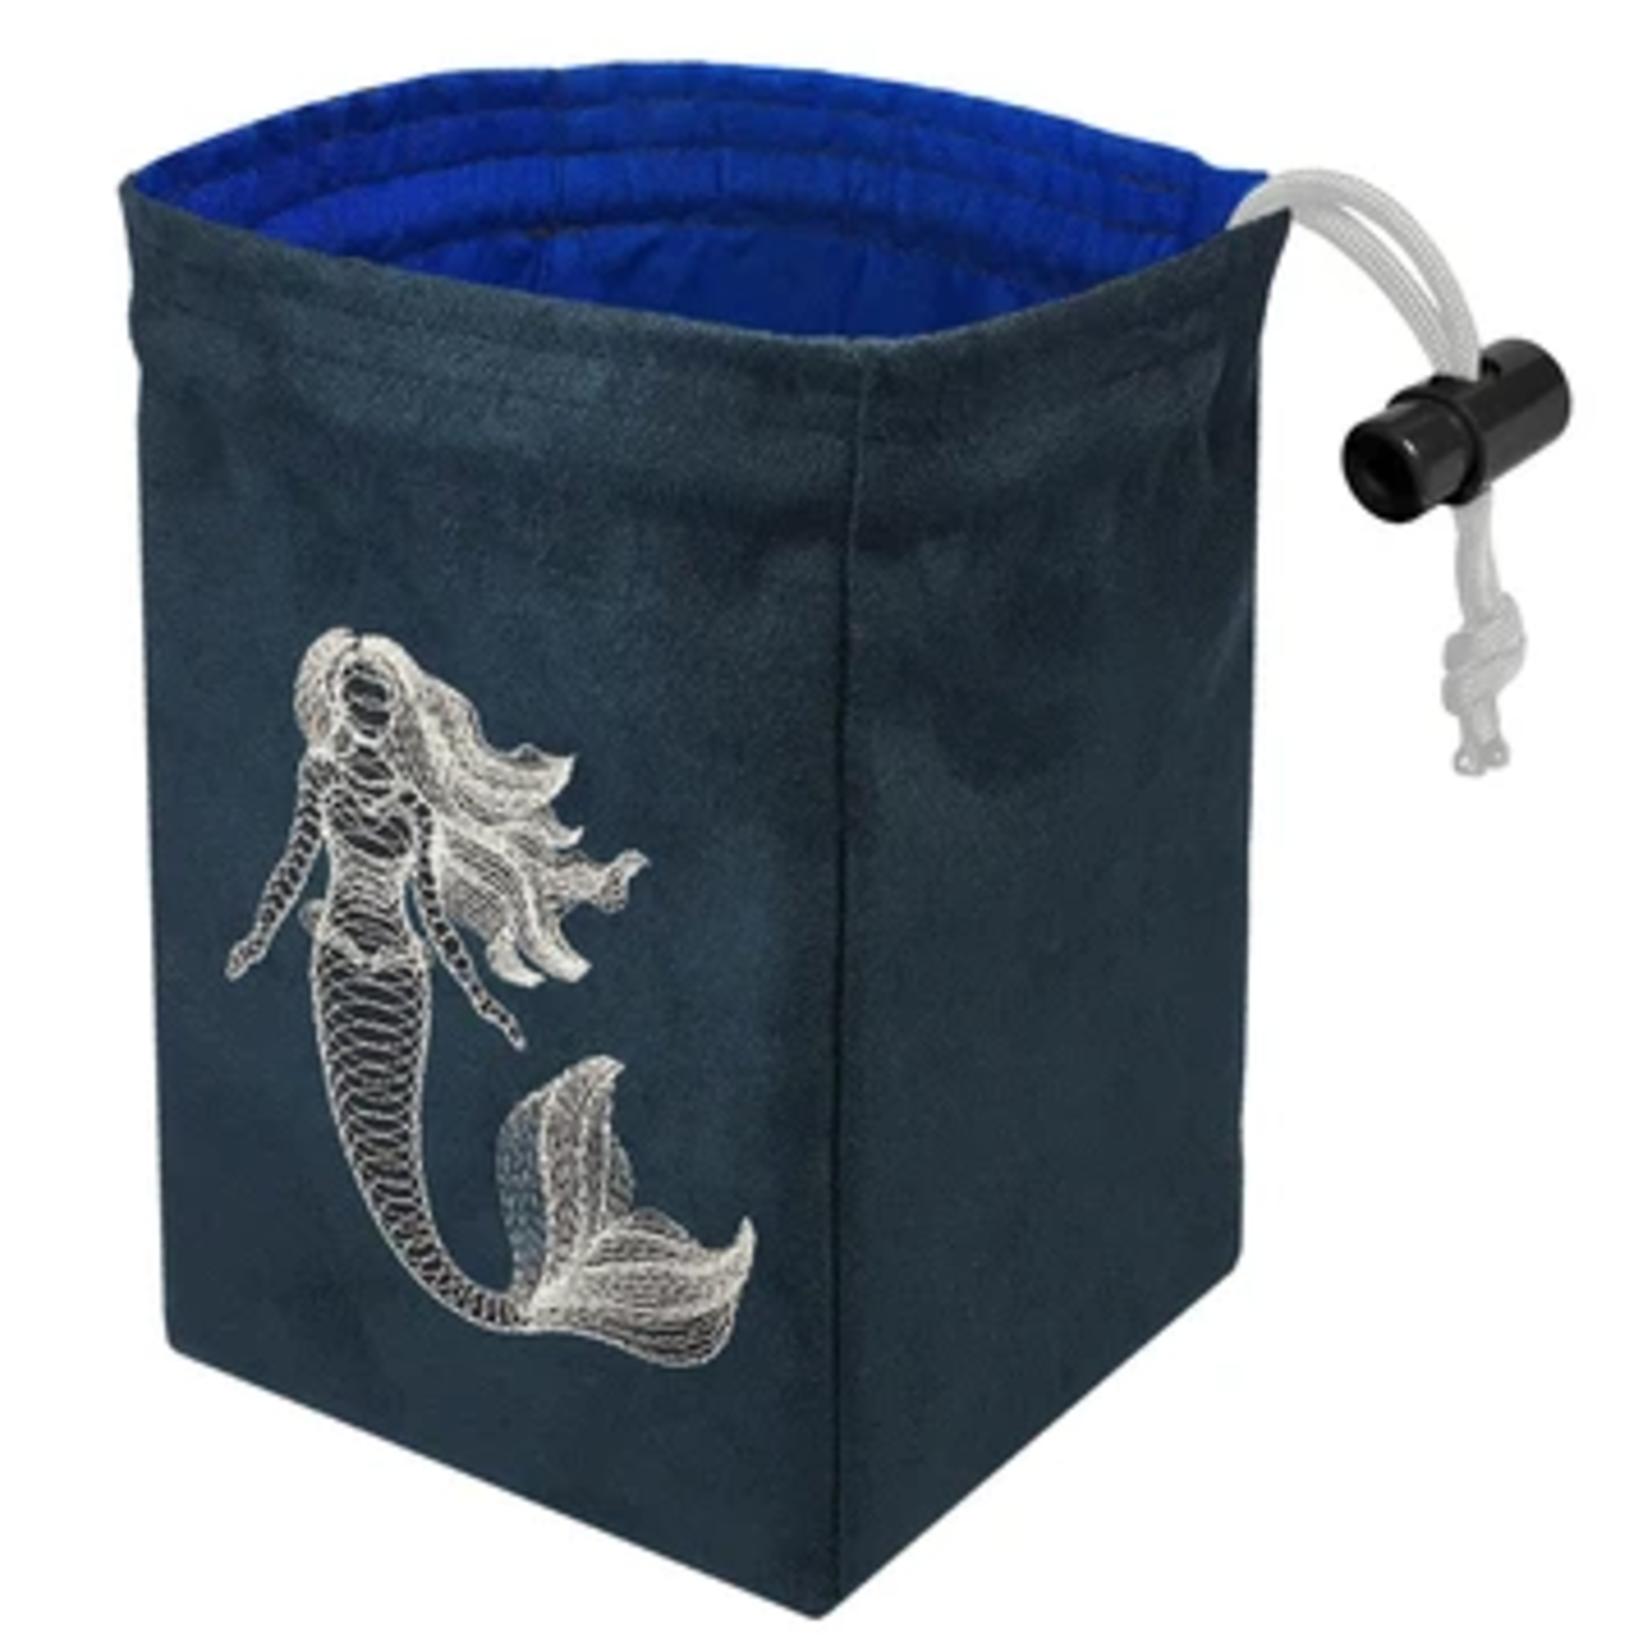 Red King Co Glow in the Dark Dice Bag: Dimensional Mermaid